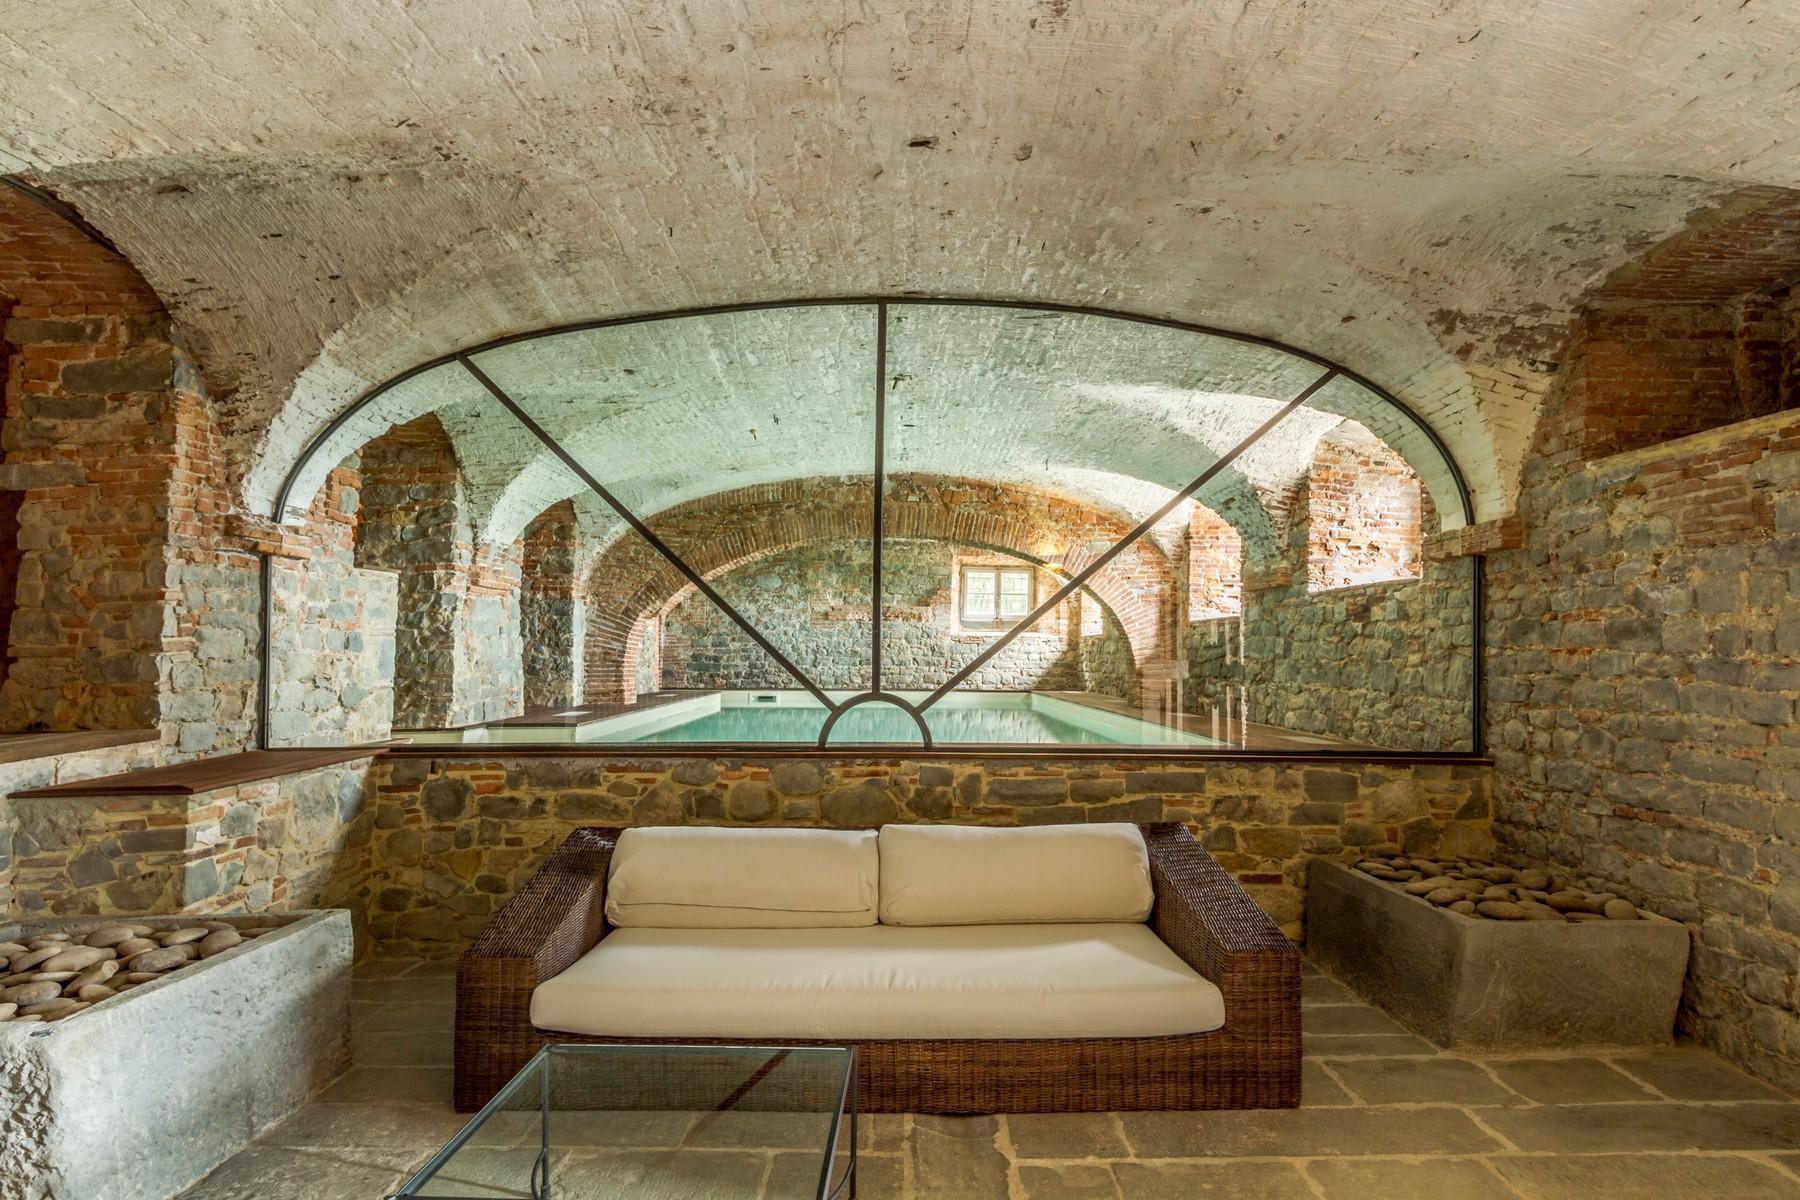 Appartamento di pregio in resort esclusivo con villa storica sulle colline di Lucca - 20